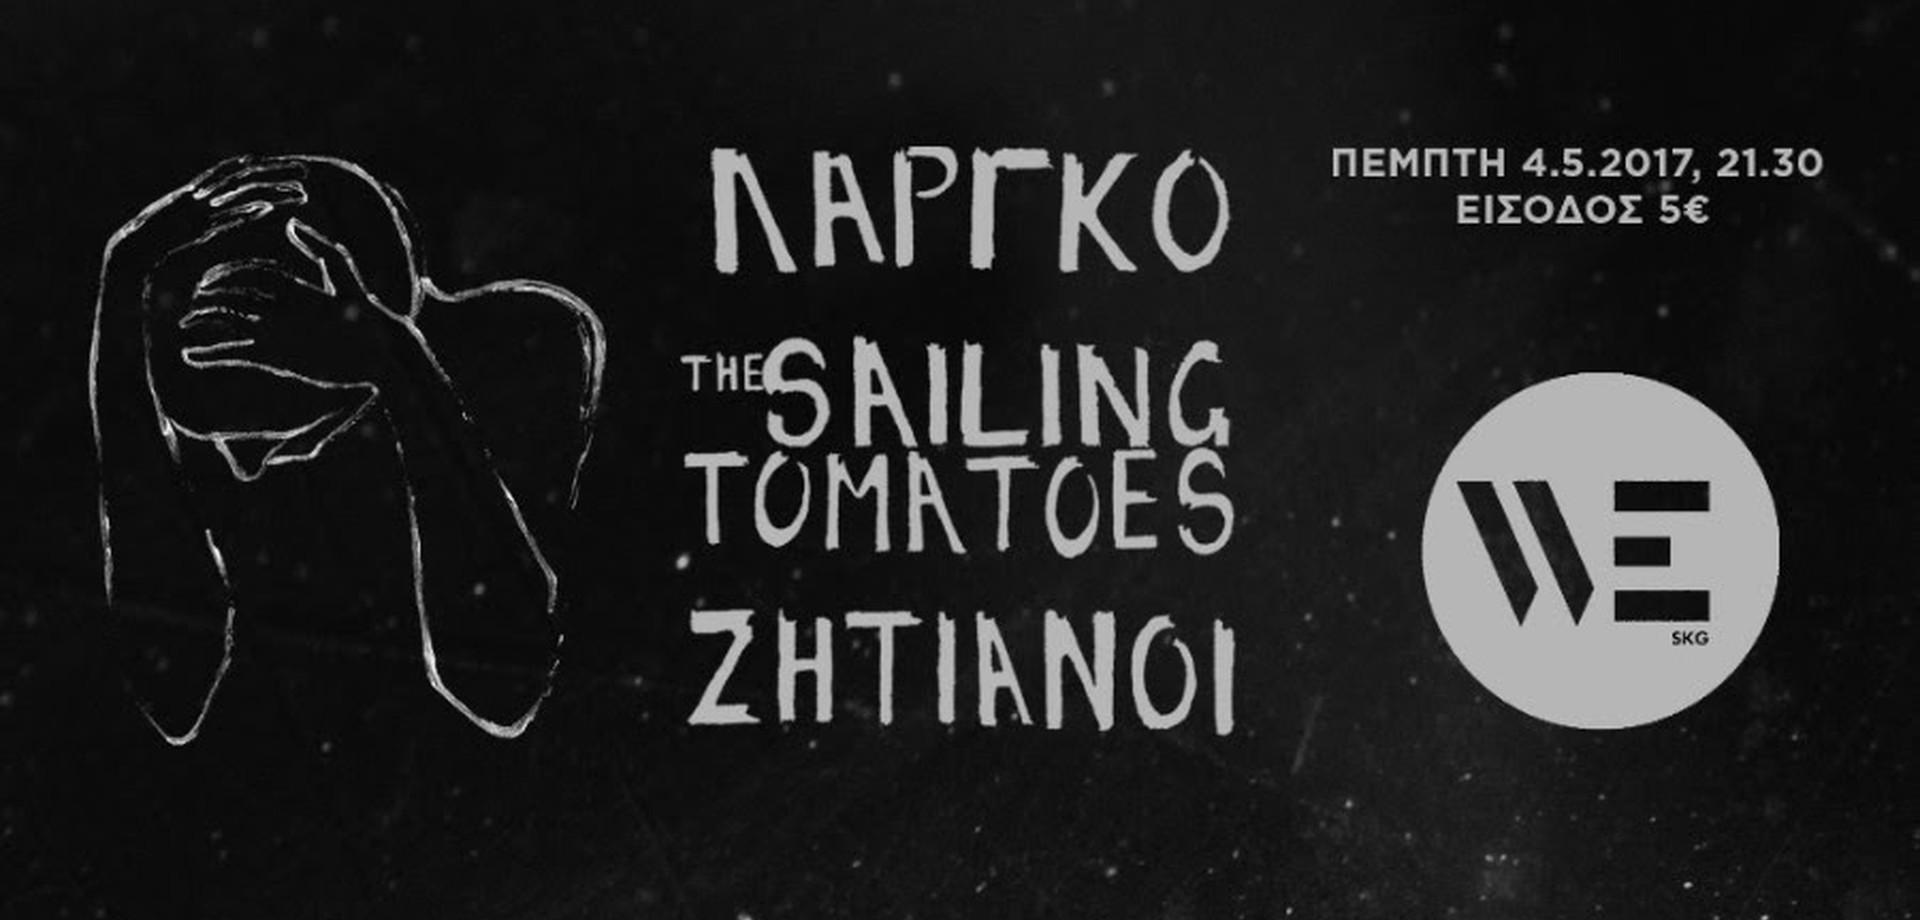 «Λάργκο & The Sailing Tomatoes & Ζητιάνοι live» στον Πολυχώρο WE